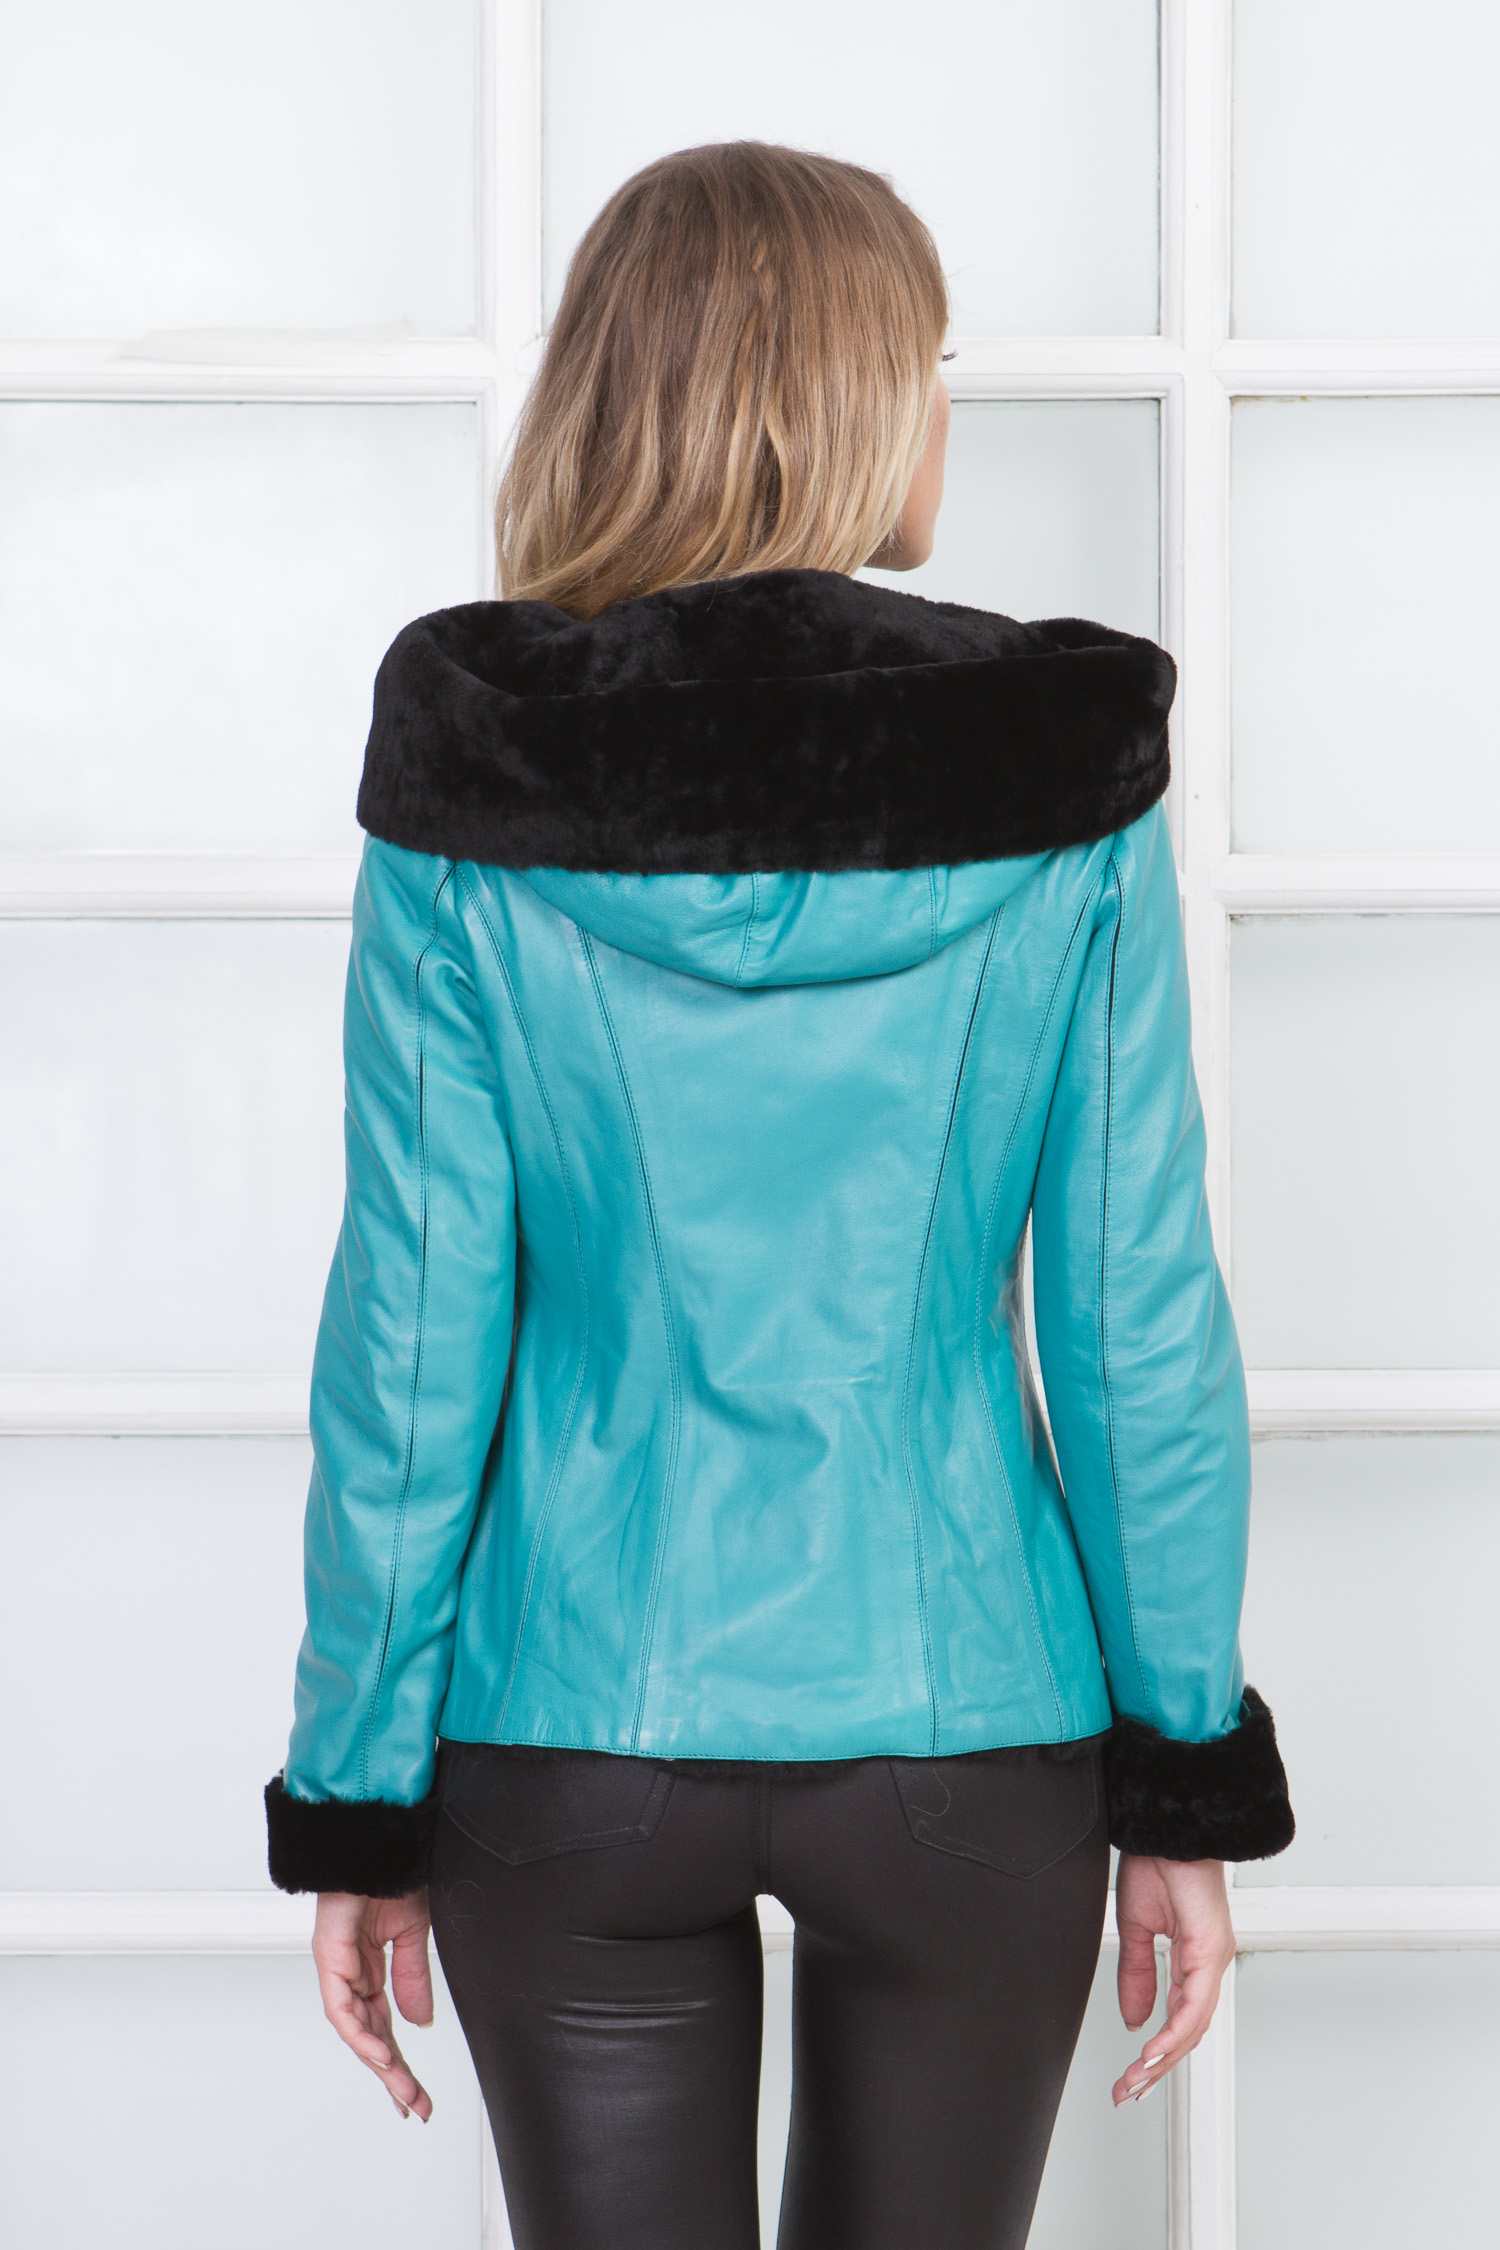 Фото 4 - Женская кожаная куртка из натуральной кожи на меху с капюшоном от МОСМЕХА бирюзового цвета